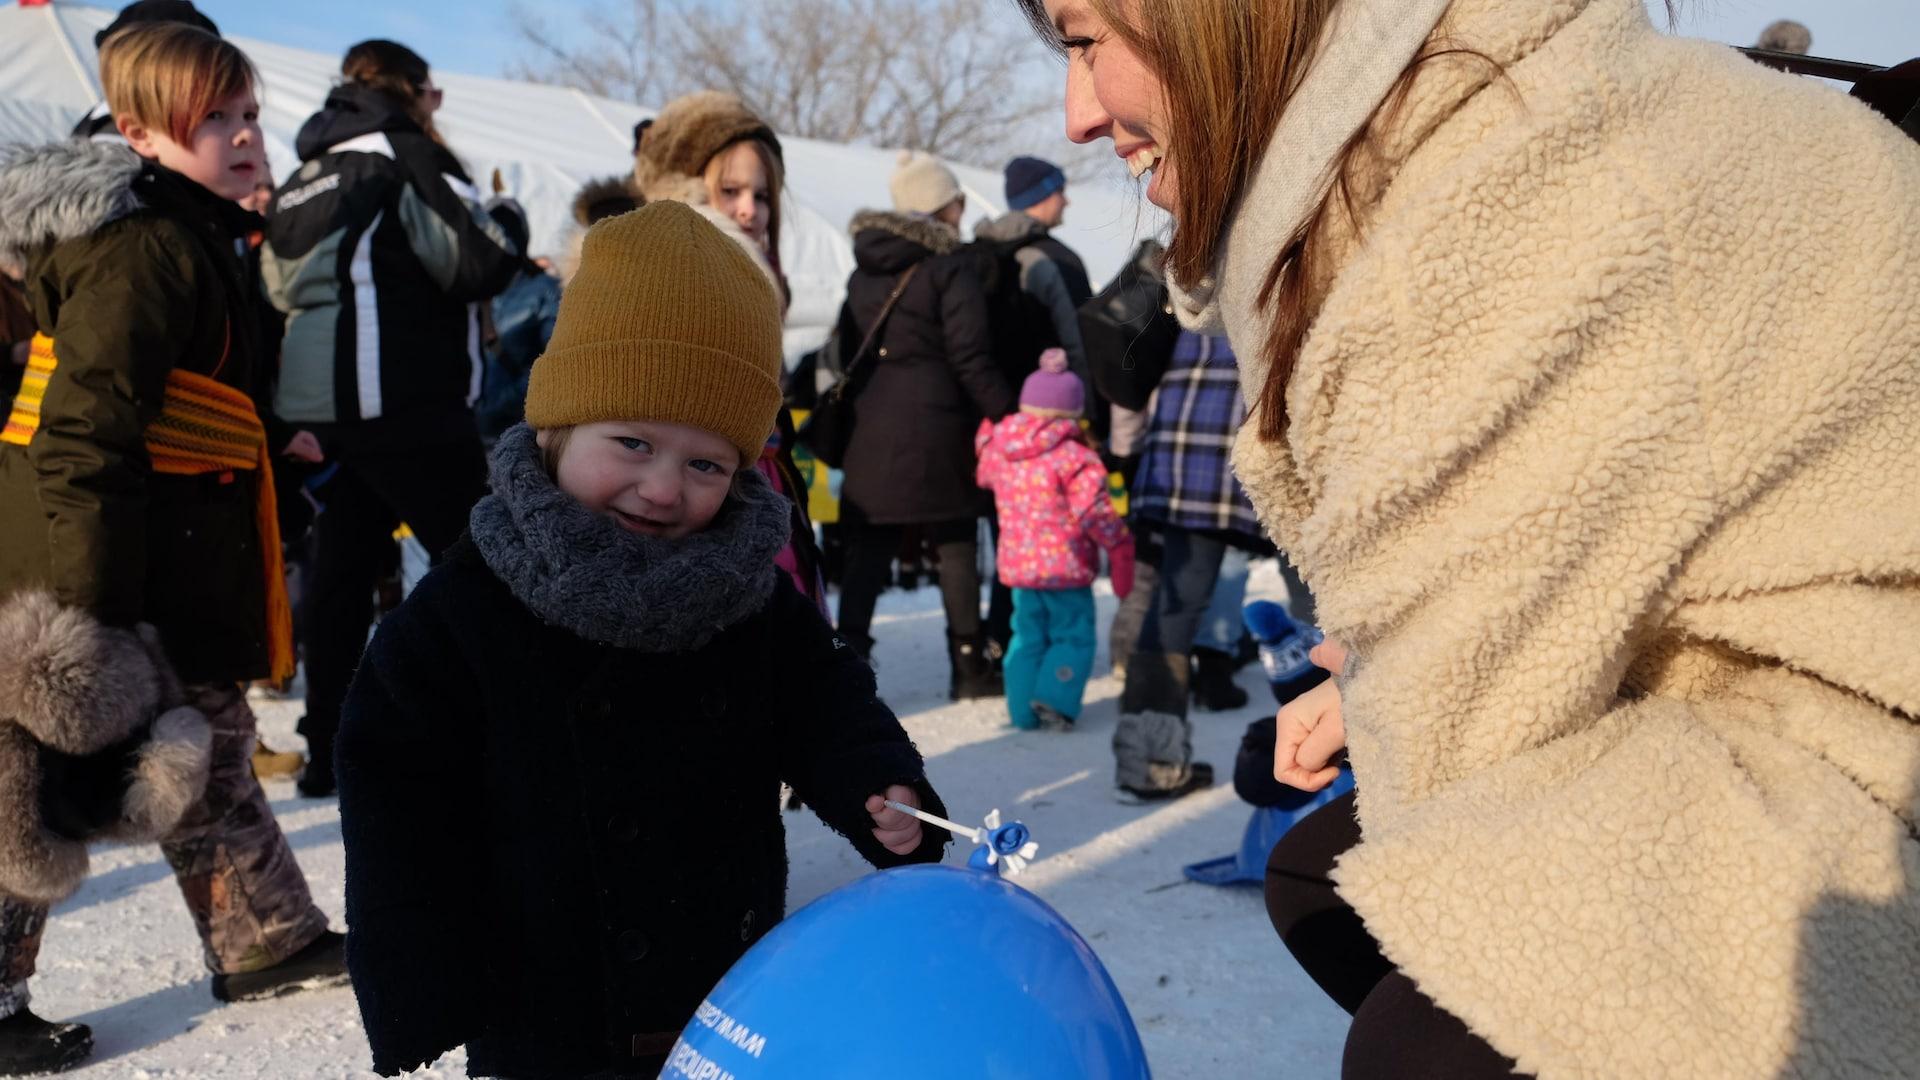 Un petit garçon tenant un ballon avec sa mère souriant à côté de lui.